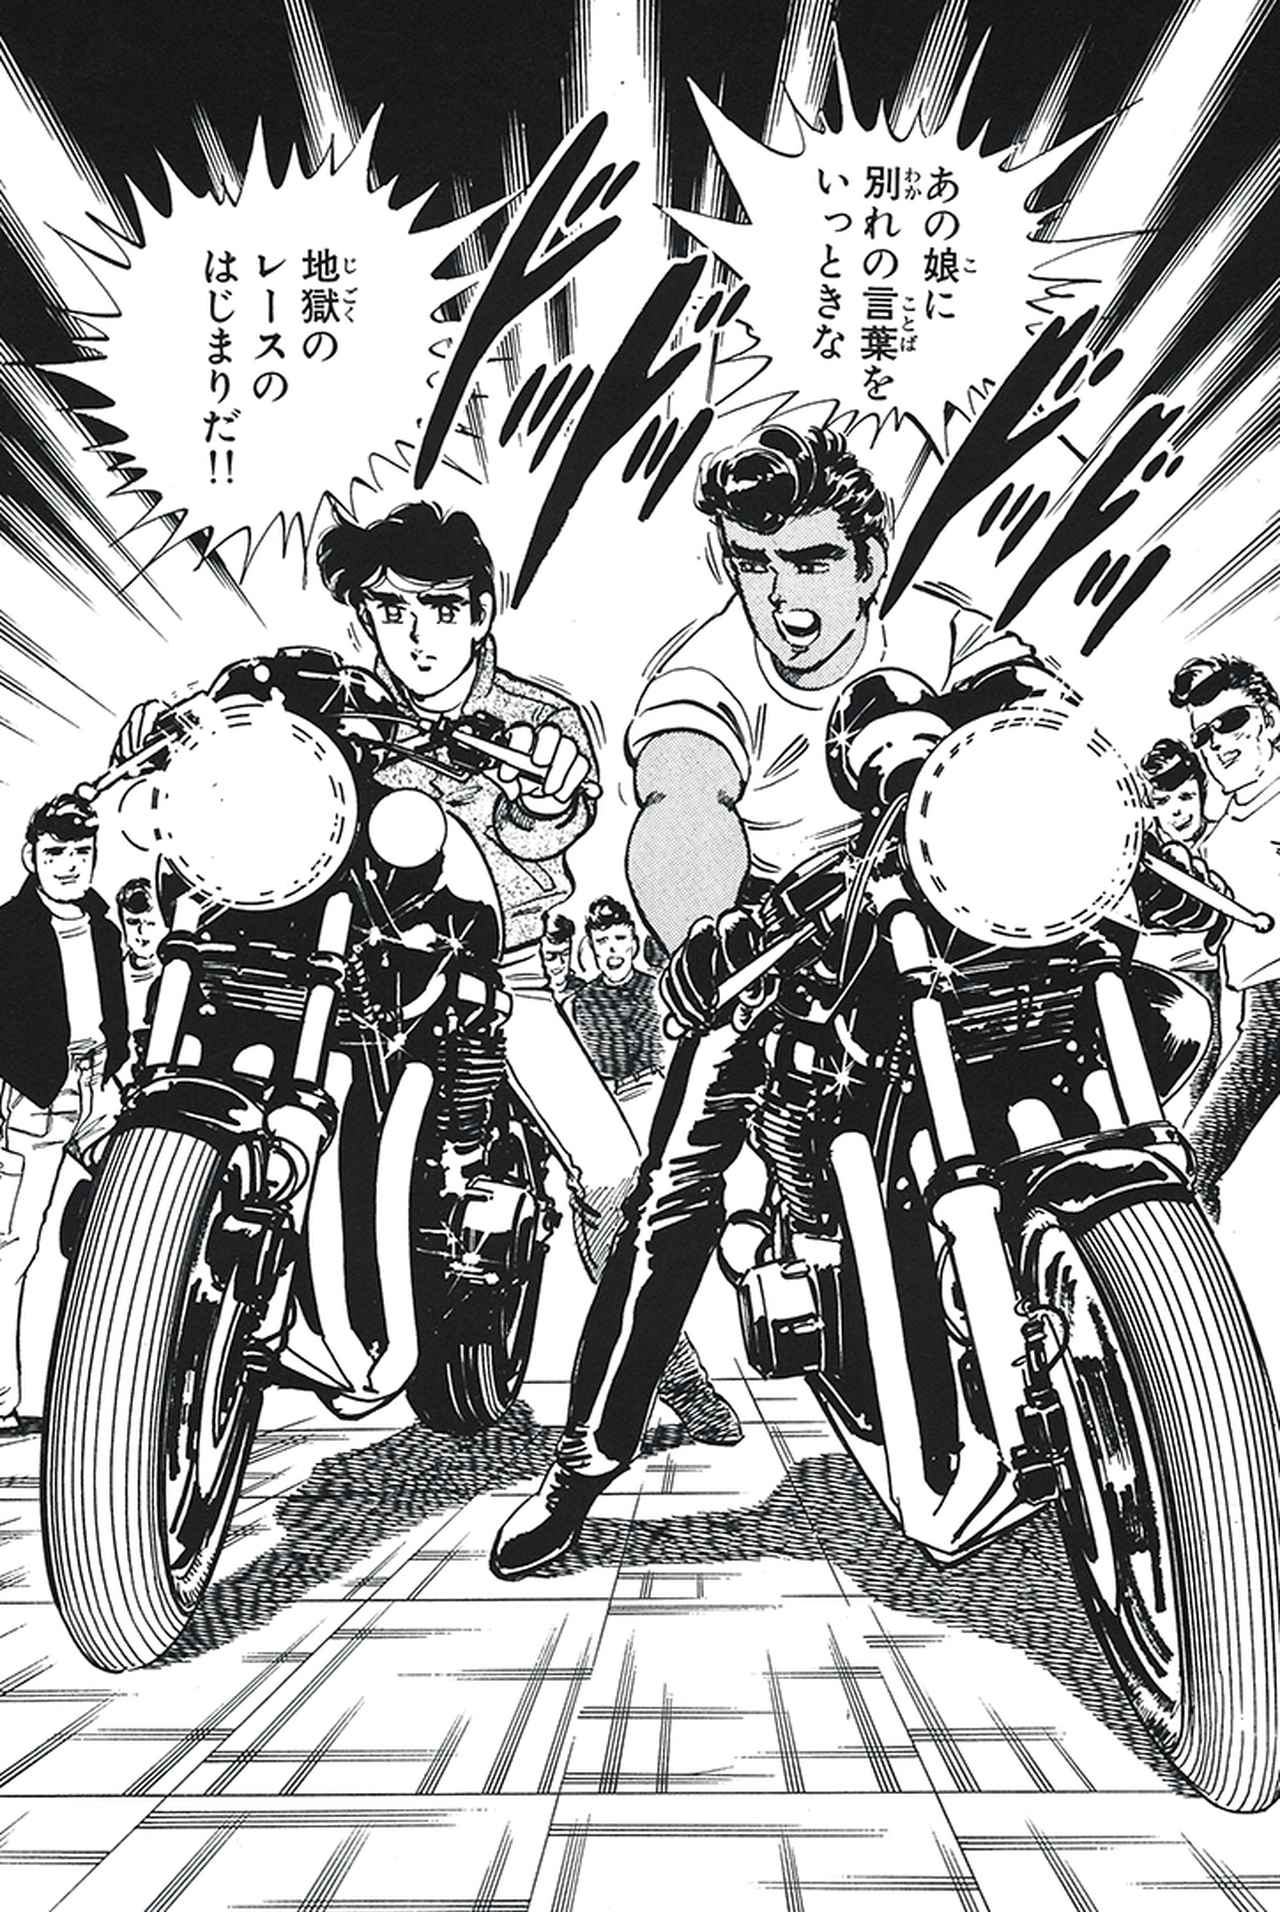 画像: 悲しい過去と熱いハートを持つジミーに走り屋として共鳴した研二は、マリアや横須賀のワルたちのしがらみとは関係なしに純粋なバトルを望む。各々の愛車、Z2とハーレーではないマシンでこのバトルは行われた。